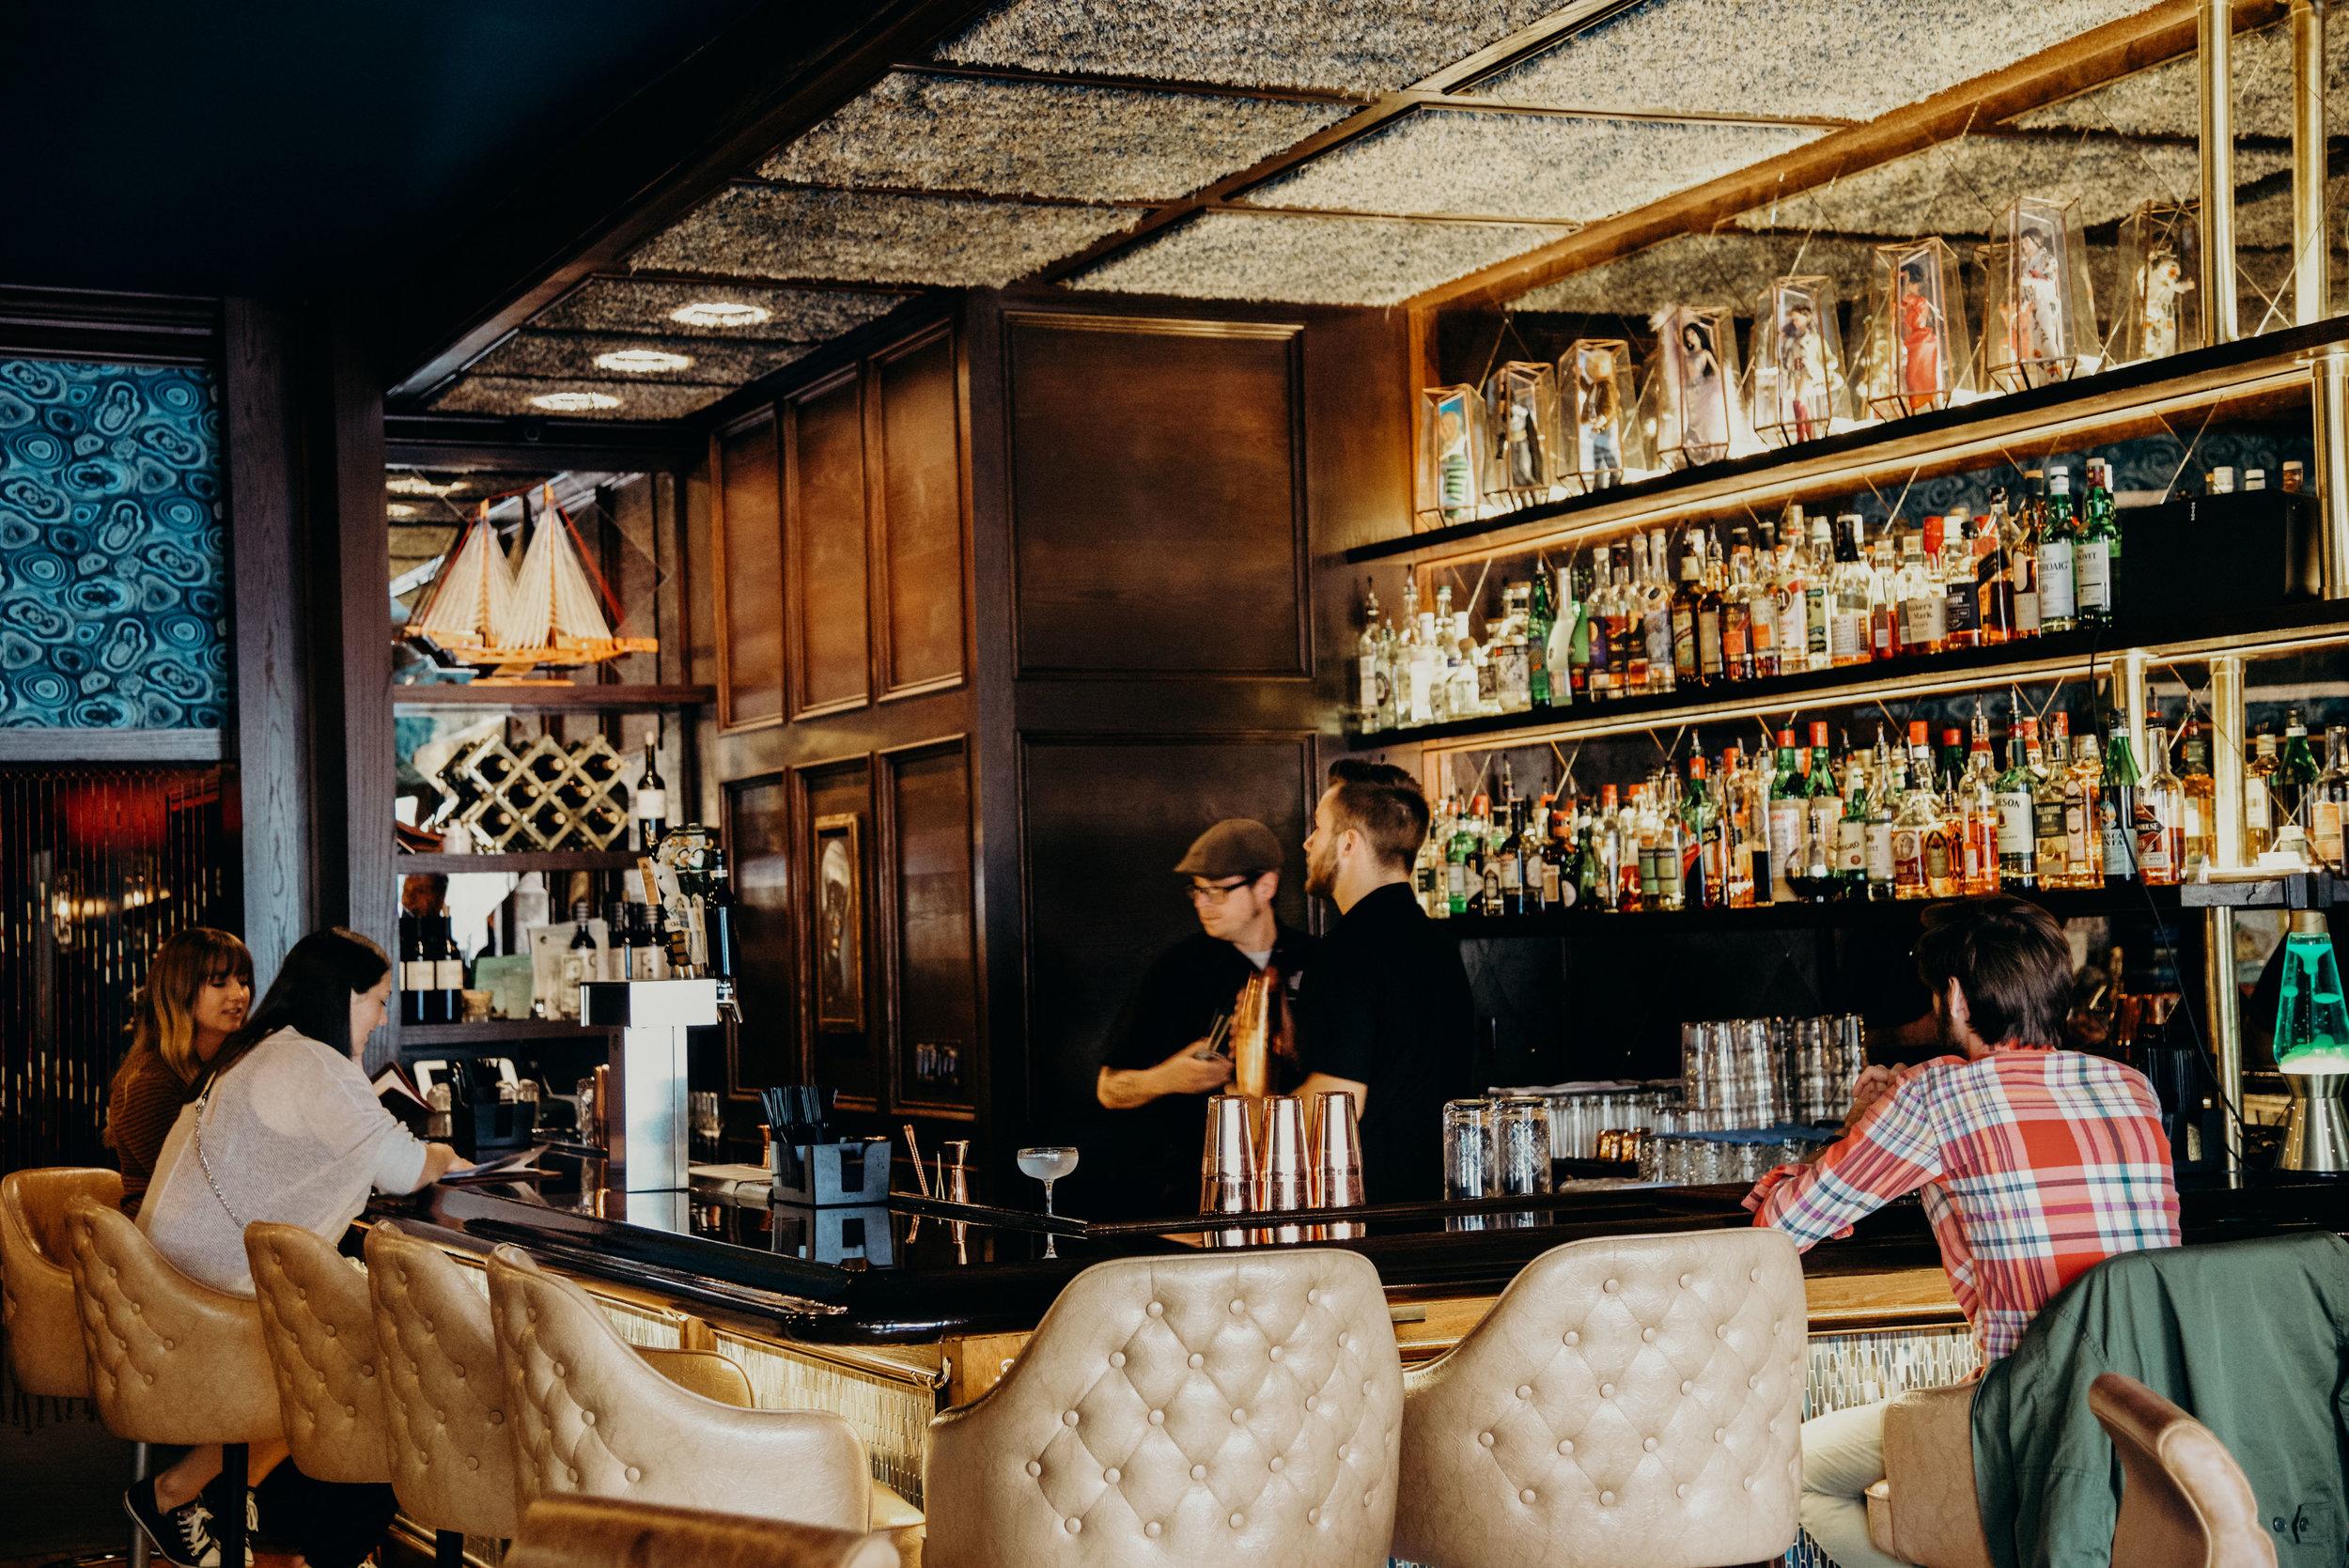 Wendling_Boyd_Buffalo_Traders_Cocktail_Bar-5 copy.jpg